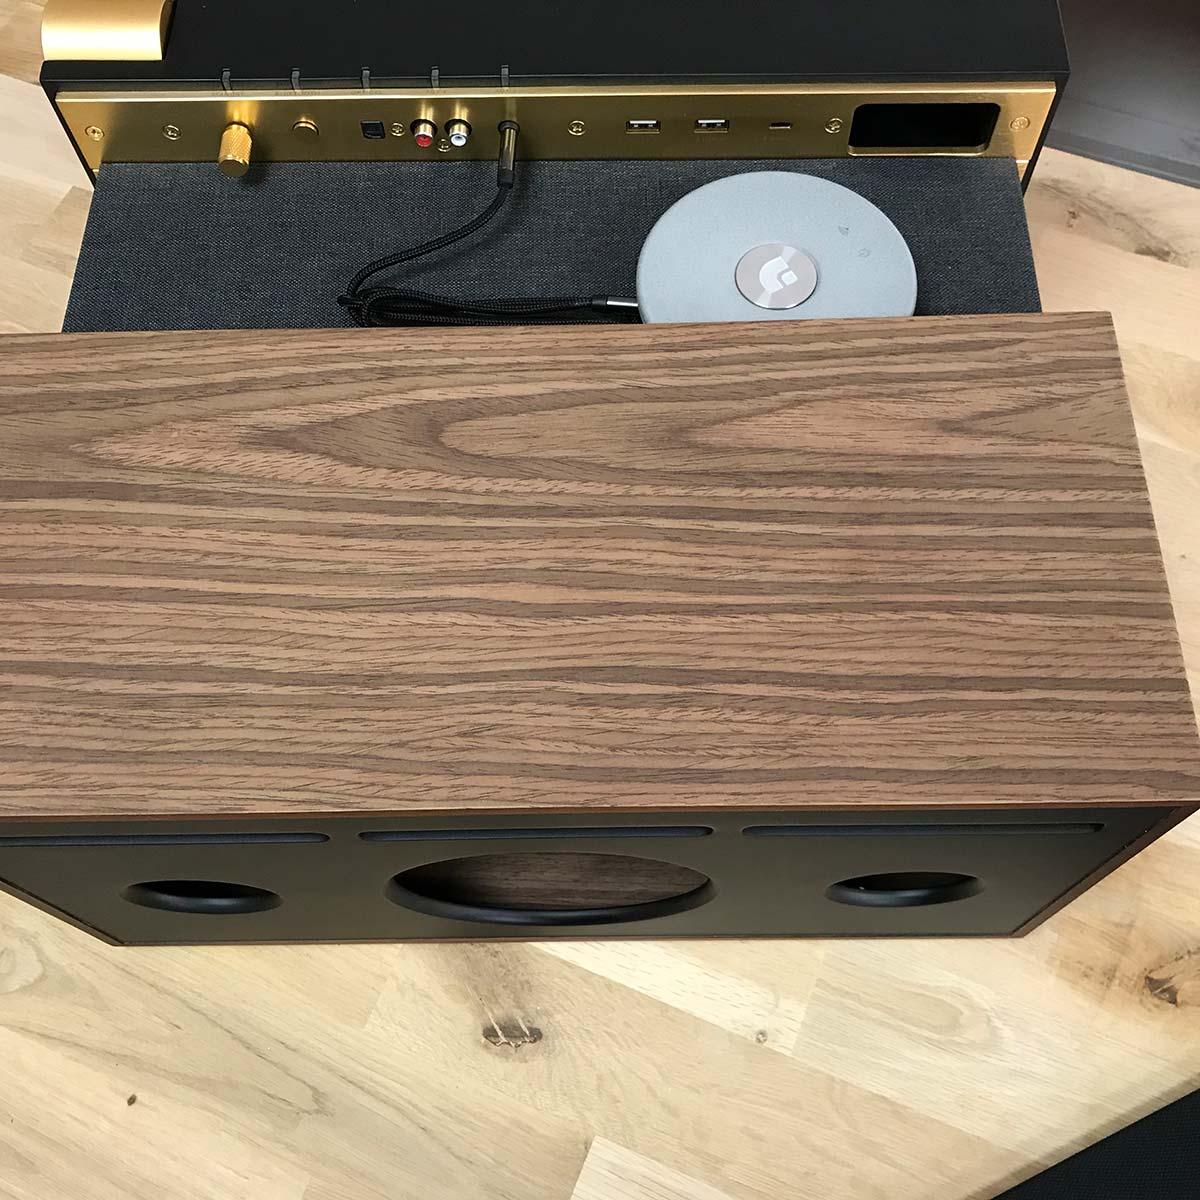 Le lecteur Audio Pro Link 1 avec l'enceinte active La boite Concept